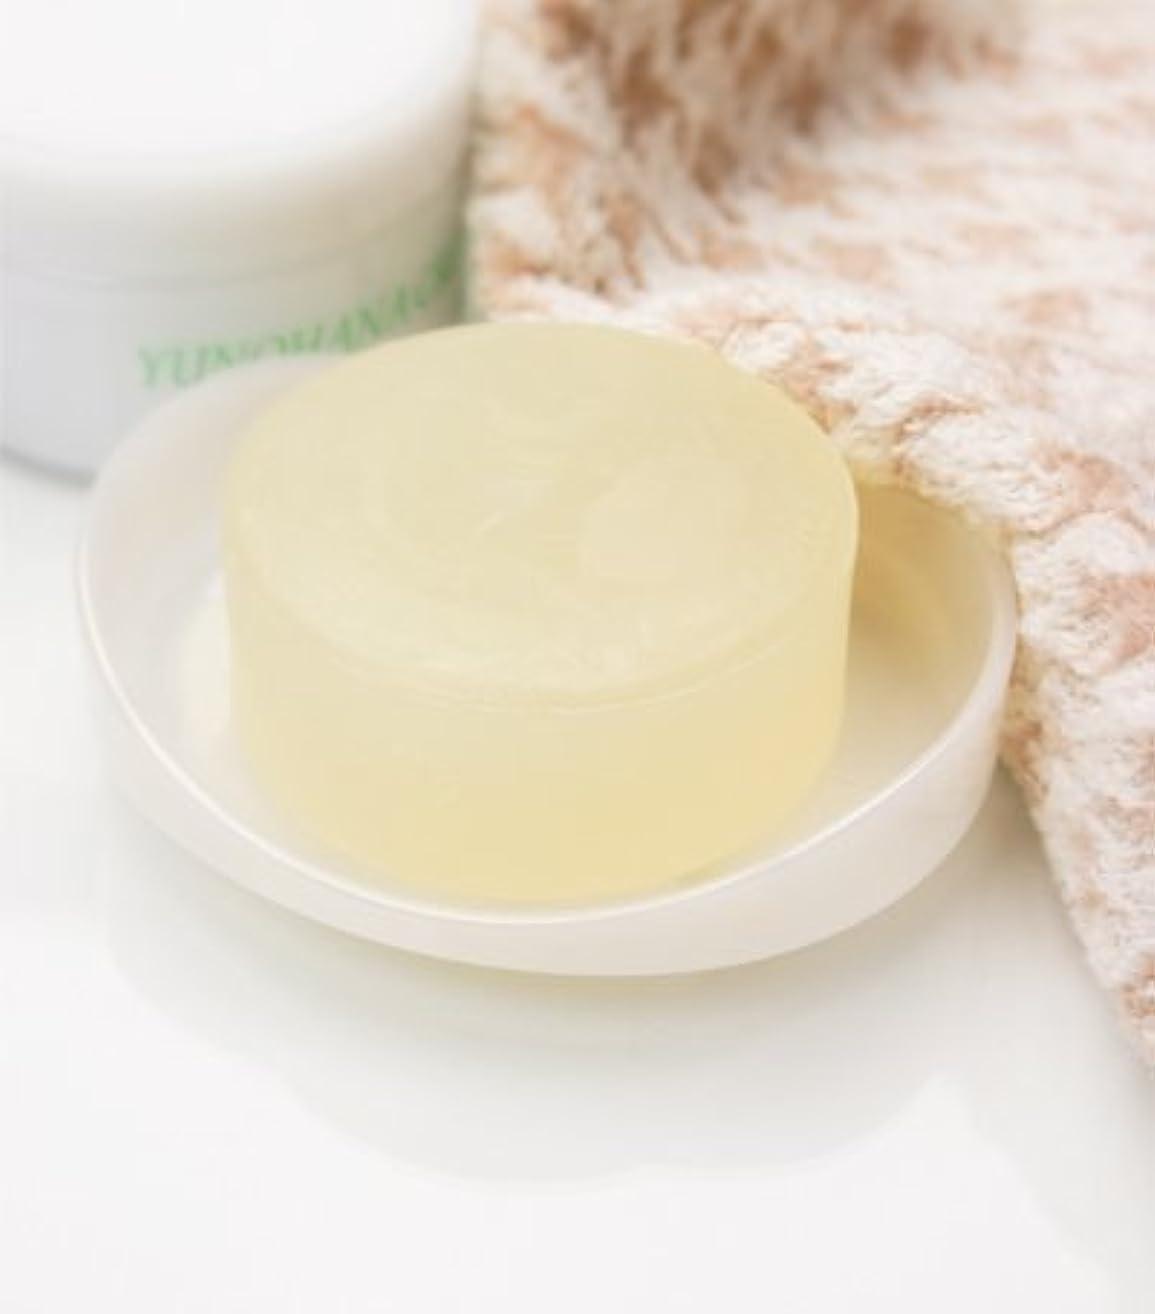 ブラスト拮抗する排泄物湯の花石鹸 100g